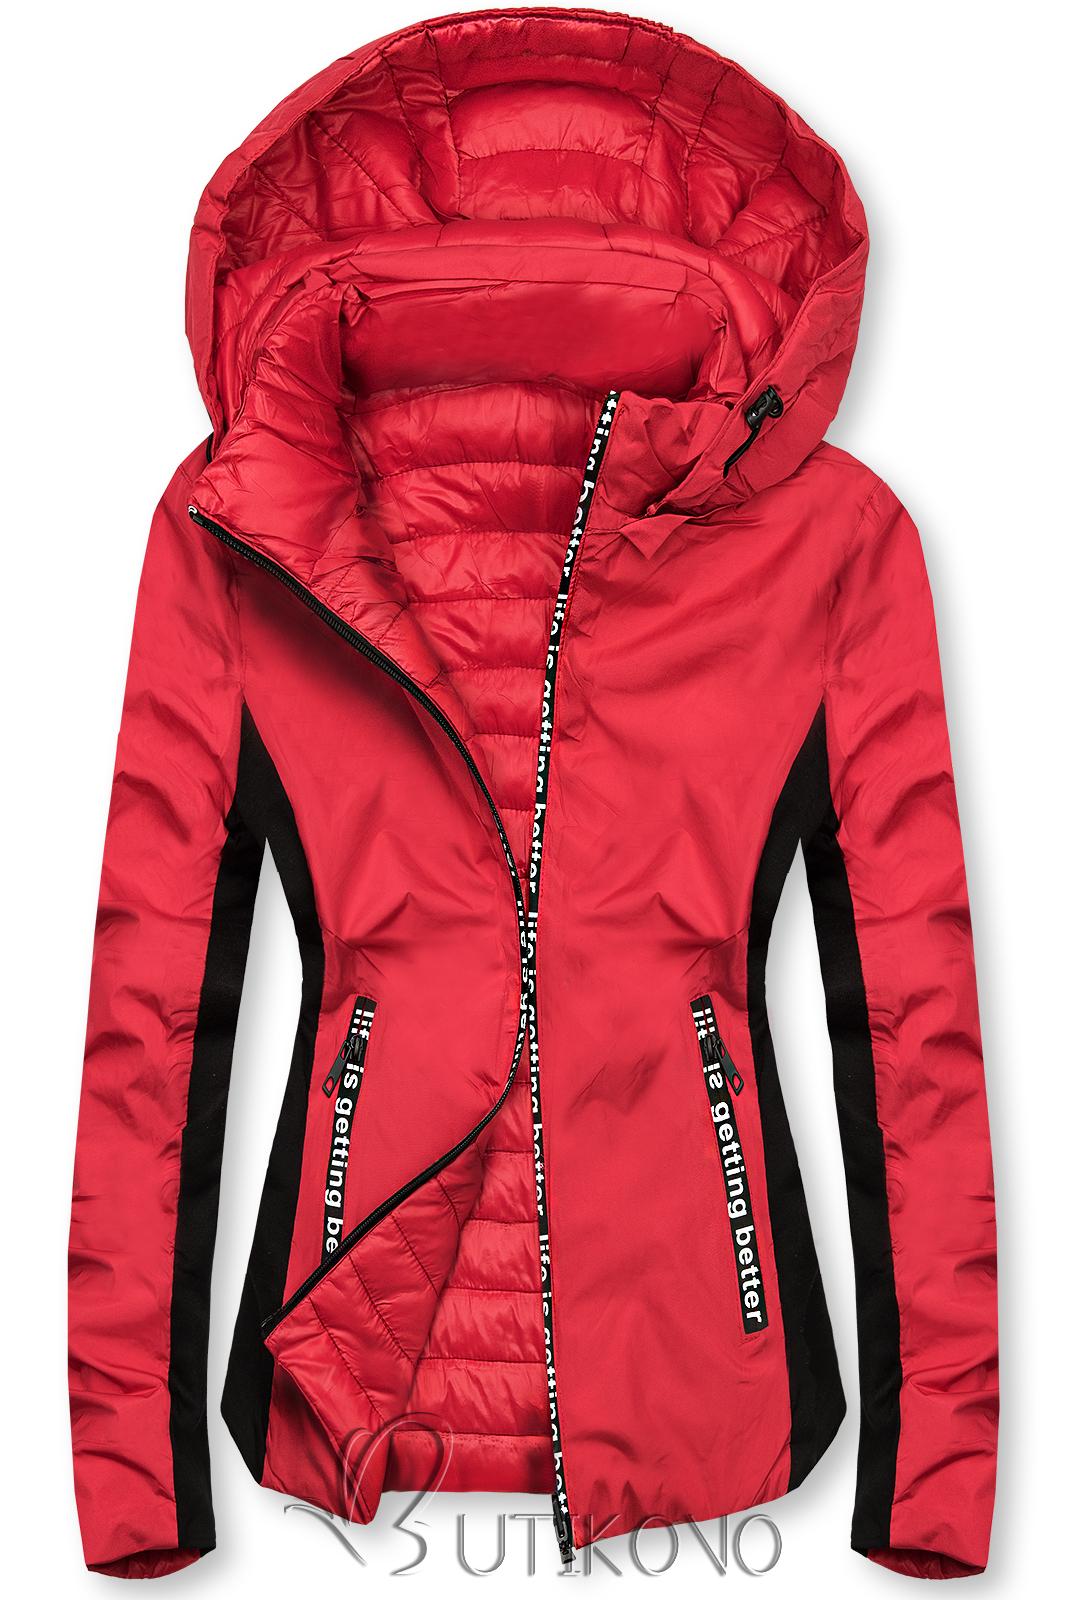 Červená športová obojstranná bunda